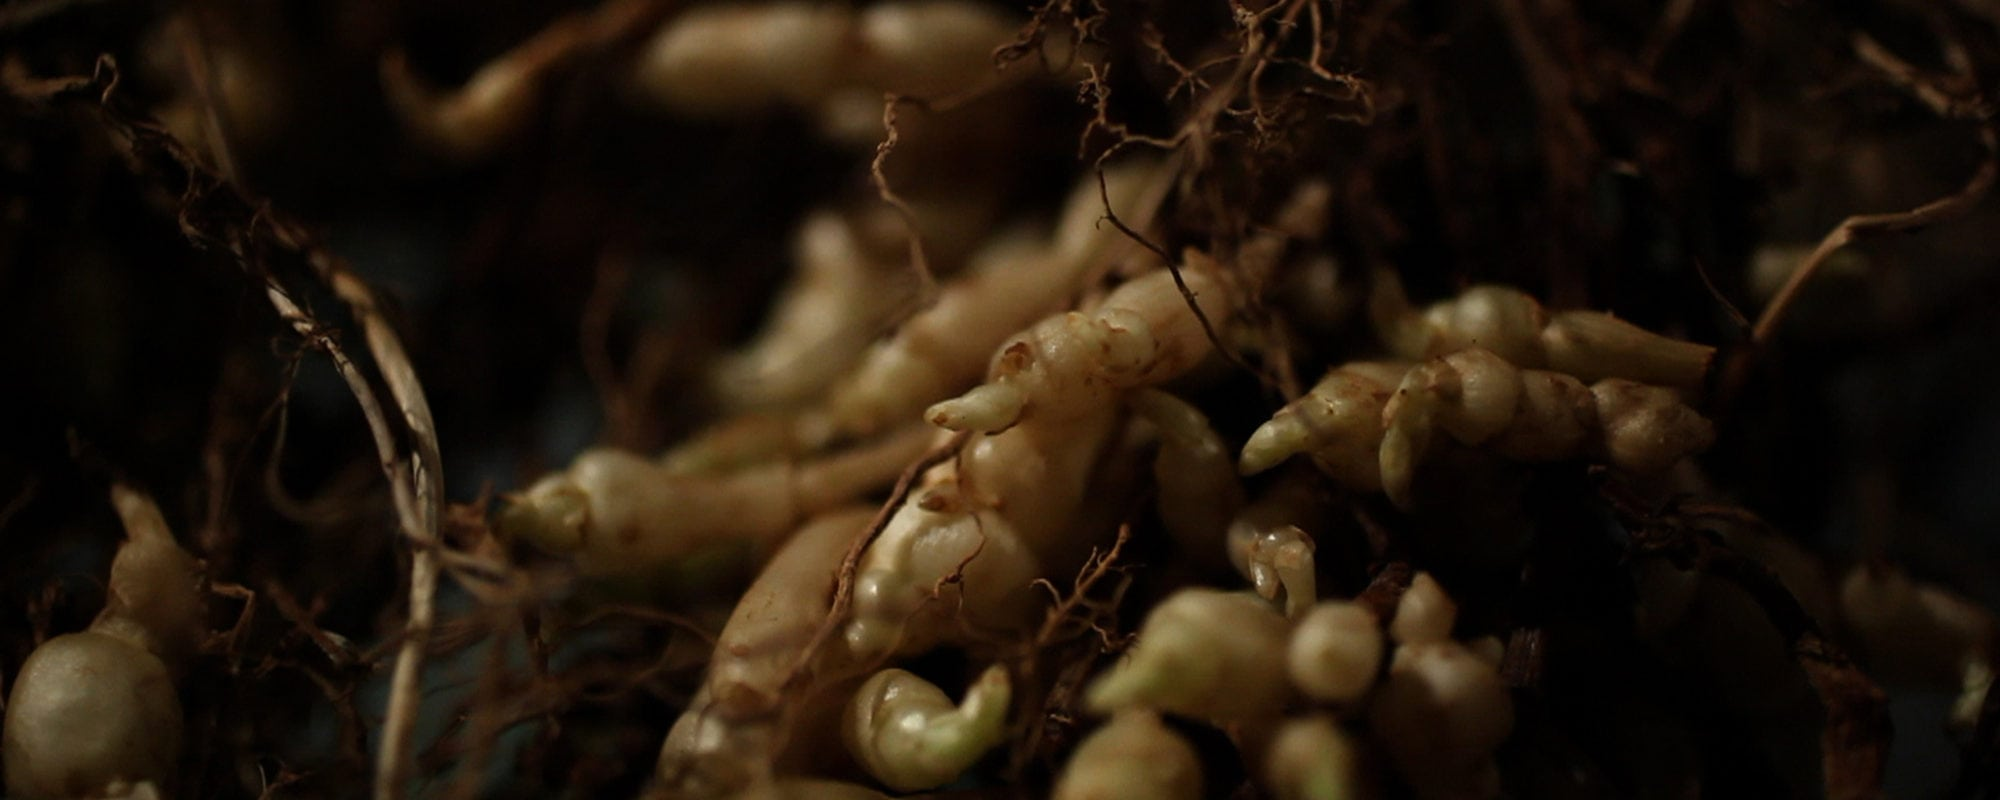 Crosnes, rutabaga et épinards-fraises : des «raretés» au marché et sur Arte